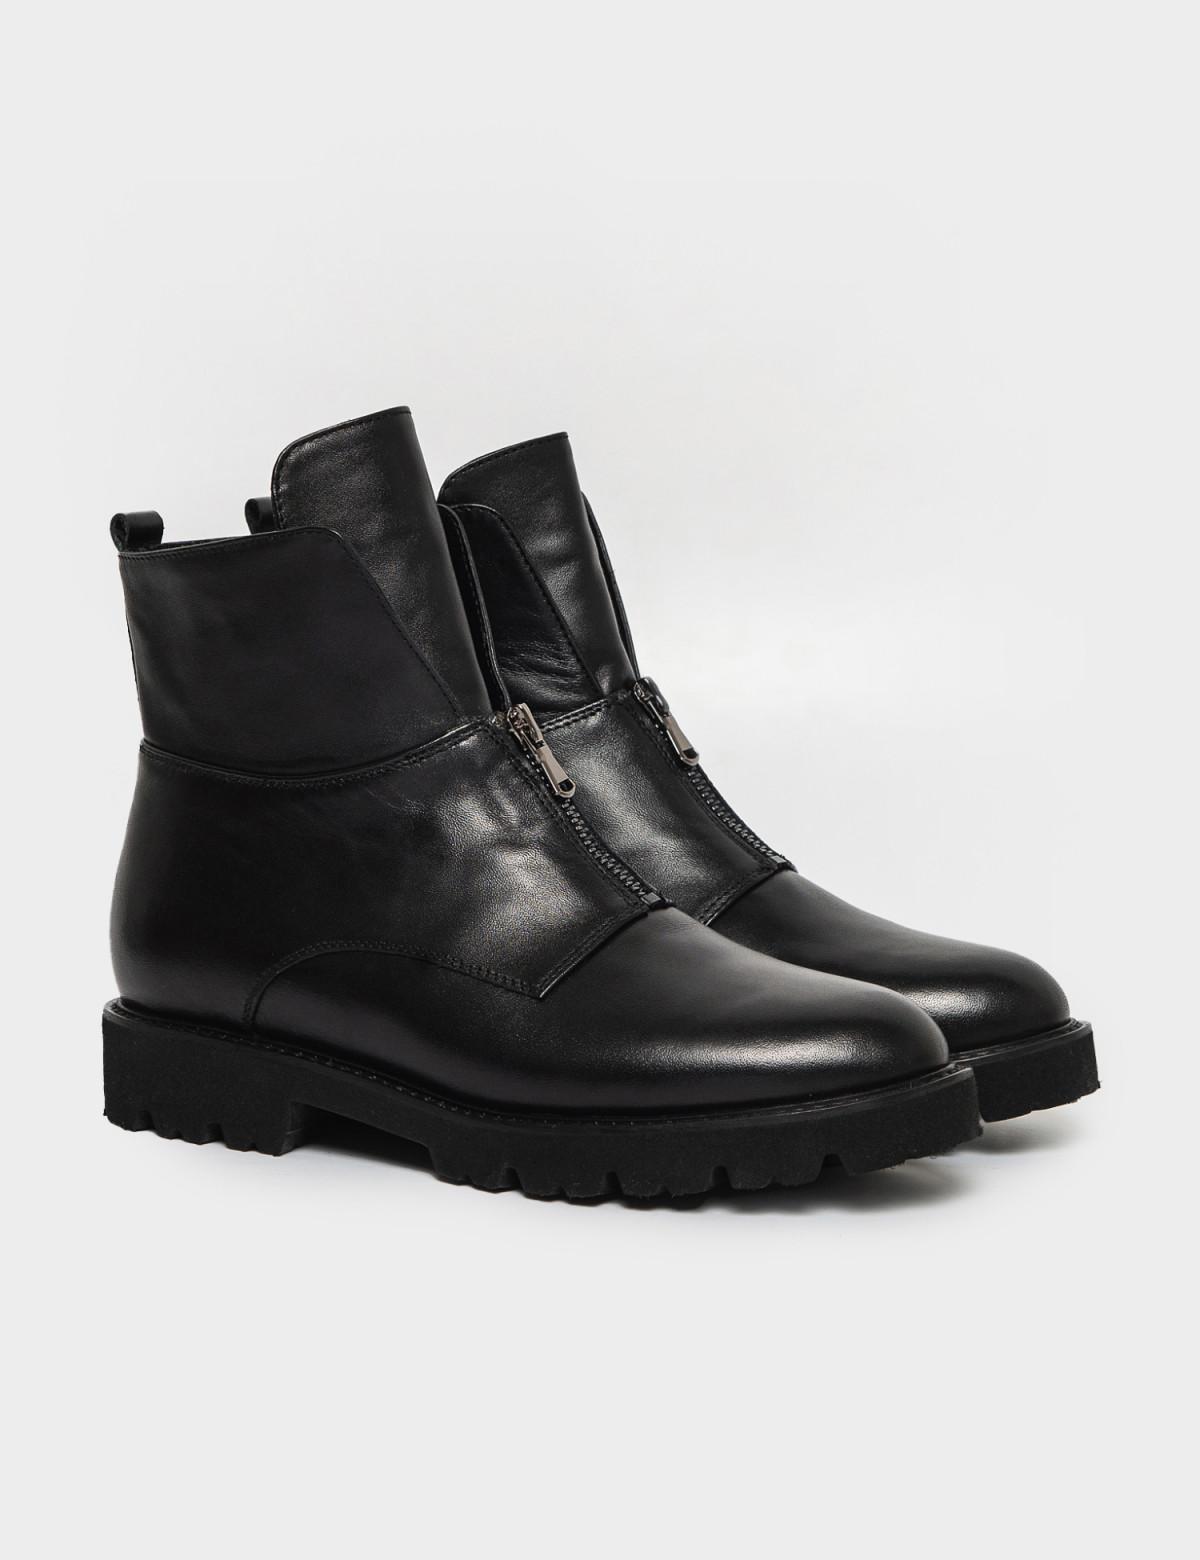 Ботинки черные, натуральная кожа. Байка1